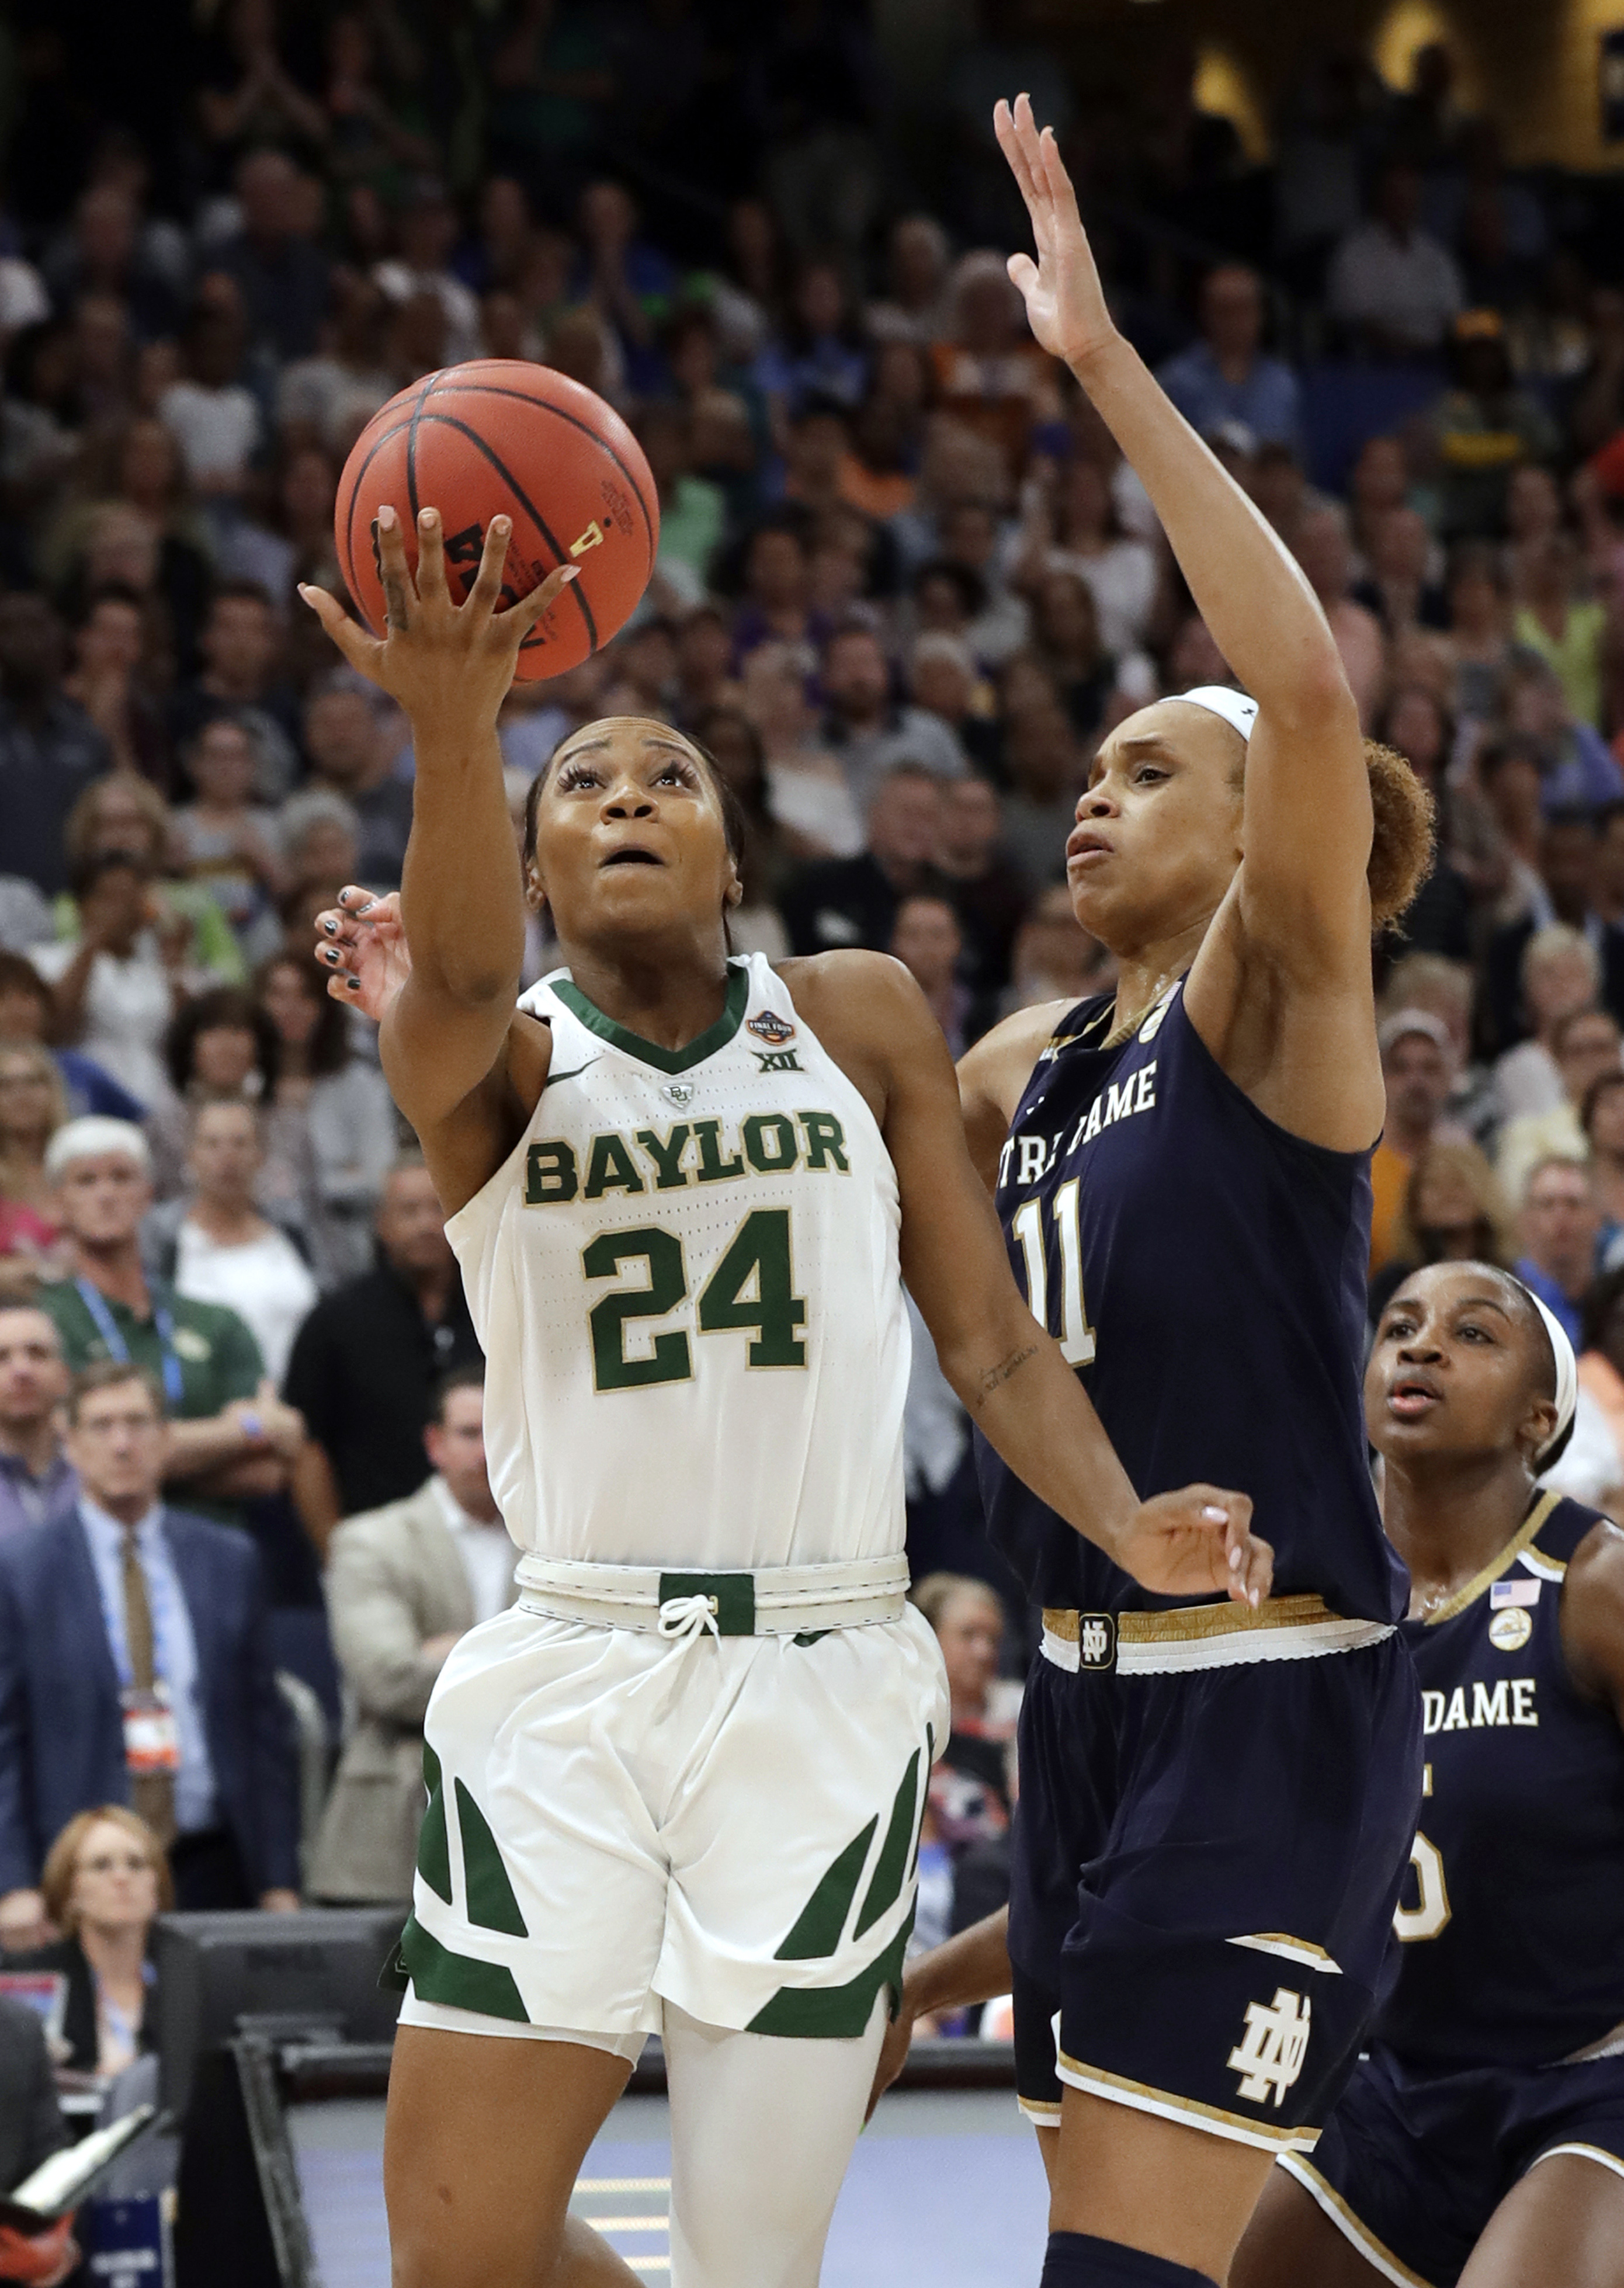 Baylor guard Chloe Jackson gets past Notre Dame forward Brianna Turner for the winning basket.